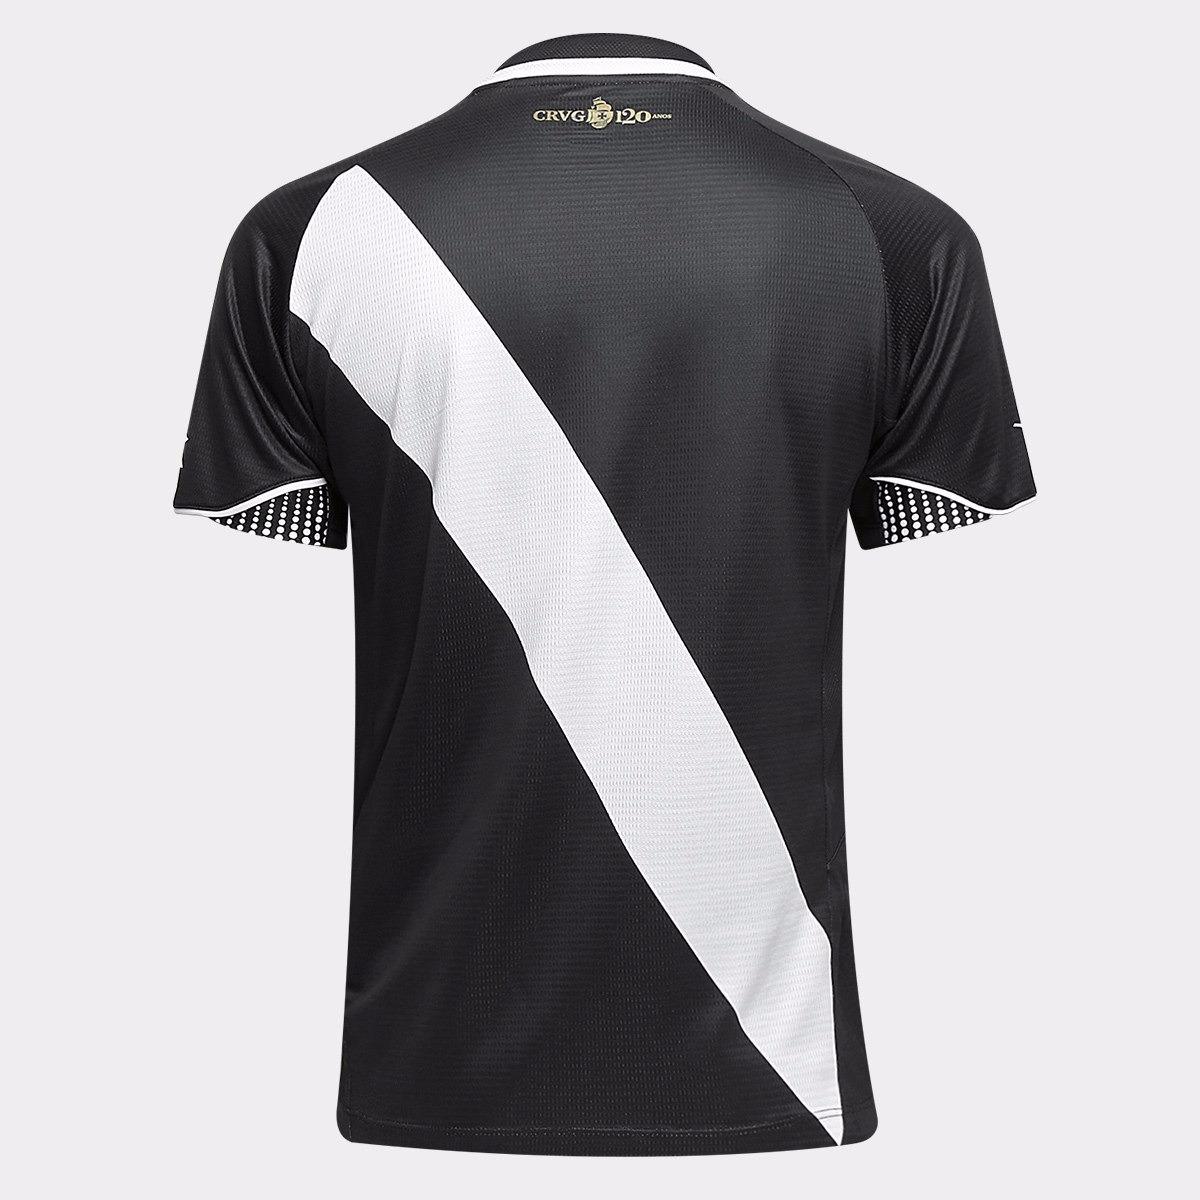 2f220055f64 camisa vasco da gama 2018 - 2019 original torcedor diadora. Carregando zoom.